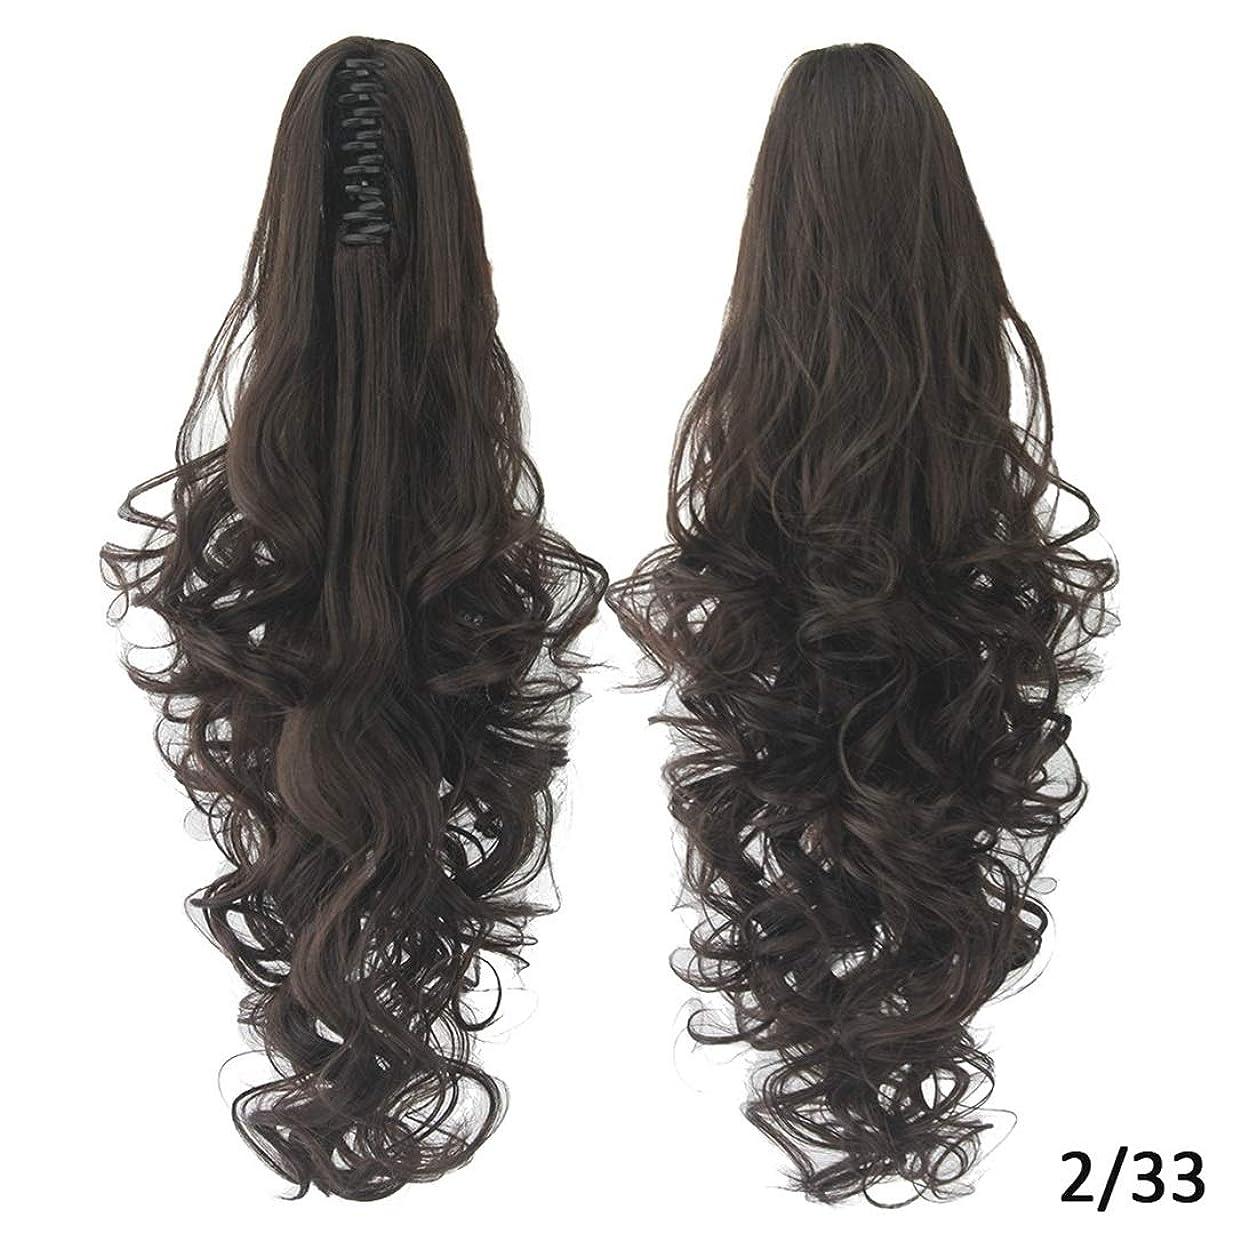 下手原告リクルートKoloeplf 女性のためのヨーロッパとアメリカのかつらの髪のエクステンション15色オプションの長いカーリーヘアポニーテールクリップ (Color : Color 2/33)